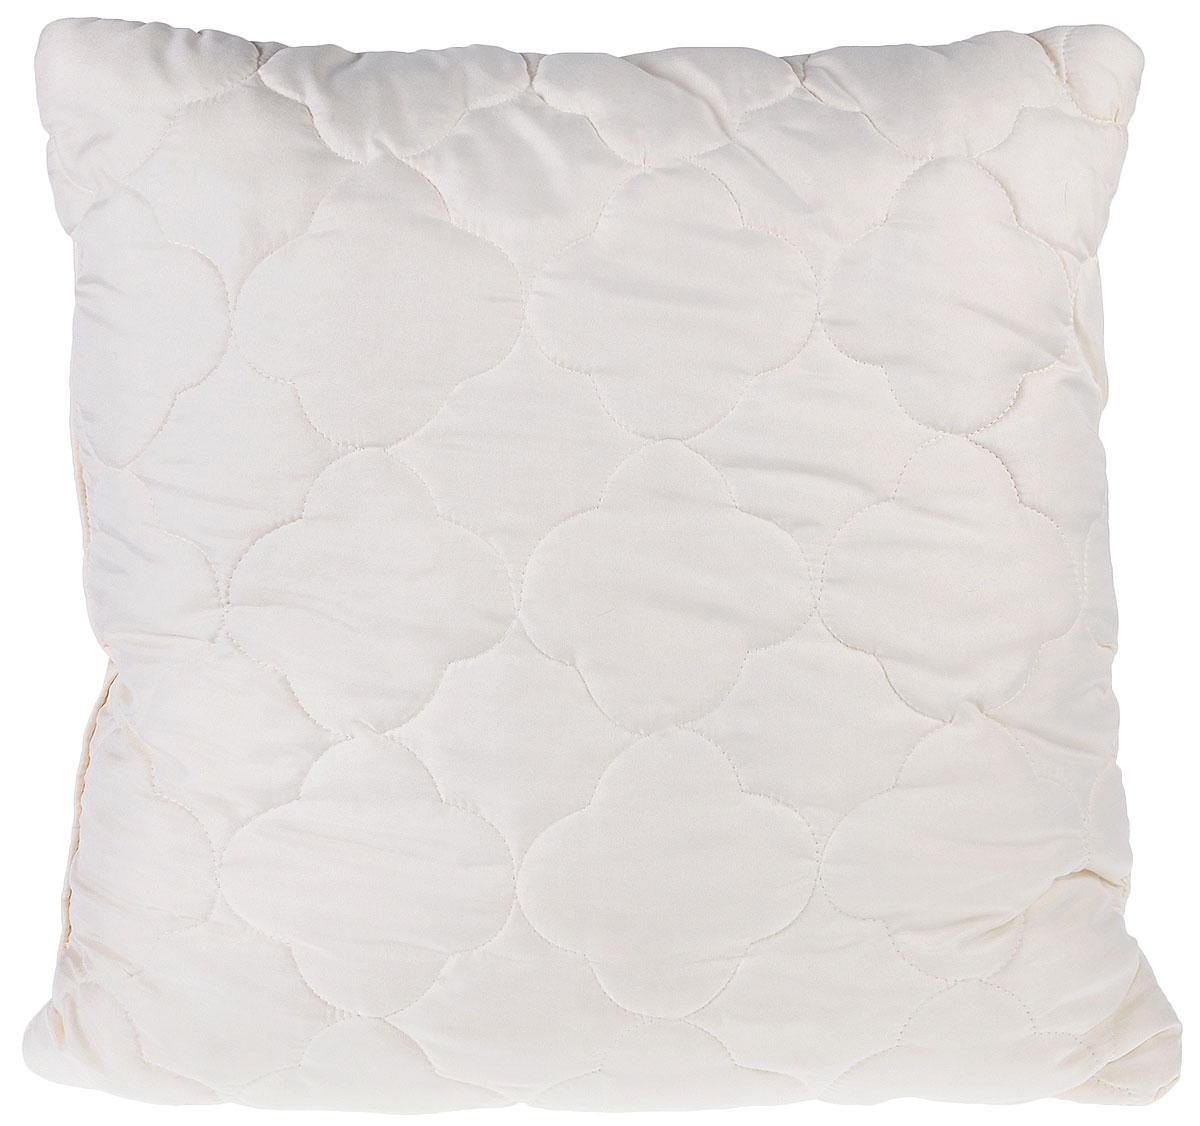 Подушка Lara Home Wool, наполнитель: овечья шерсть и силиконизированное волокно, цвет: бежевый, 68 х 68 см85274Подушка Lara Home Wool подарит комфорт и уют во время сна. Чехол, выполненный из микроволокна (100% полиэфира), оформлен фигурной стежкой и надежно удерживает наполнитель внутри. Наполнитель выполнен из силиконизированного волокна и овечьей шерсти породы меринос. Особенности подушки: Высокая воздухопроницаемость. Необычайная мягкость и легкость. Обеспечивает хорошую терморегуляцию.